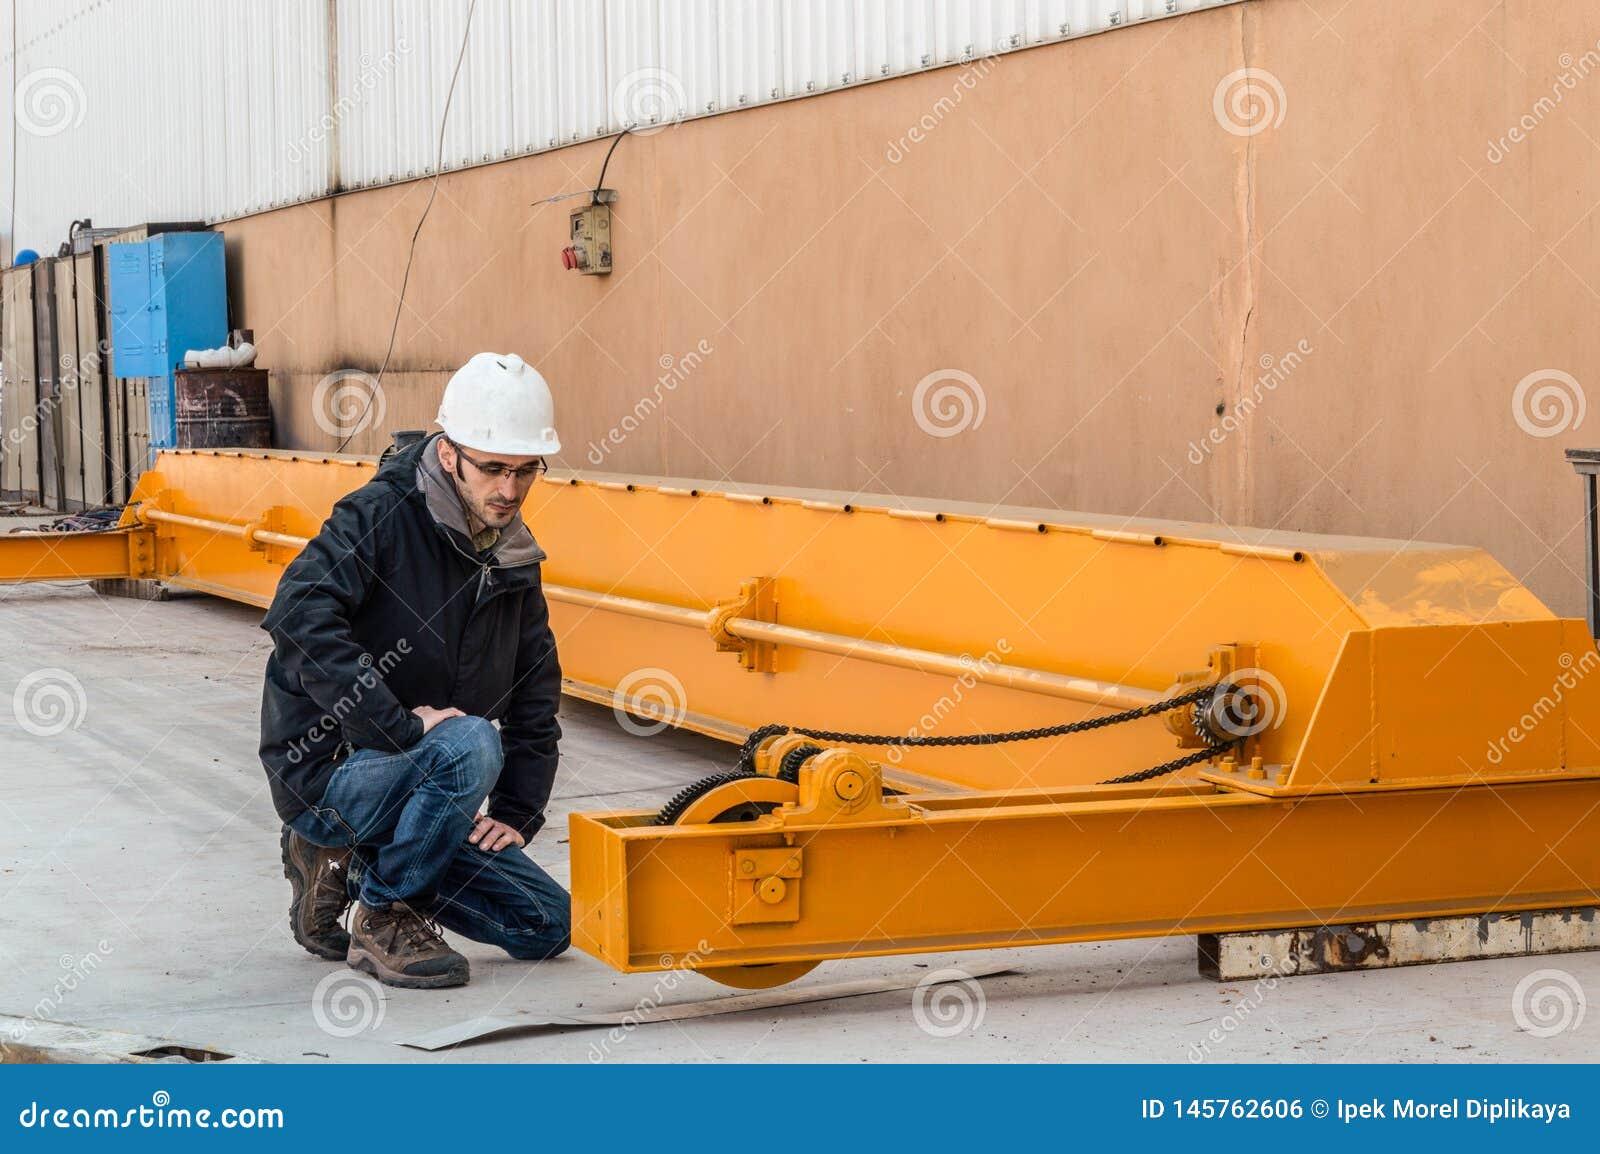 控制桥式起重机的年轻工程师在工厂